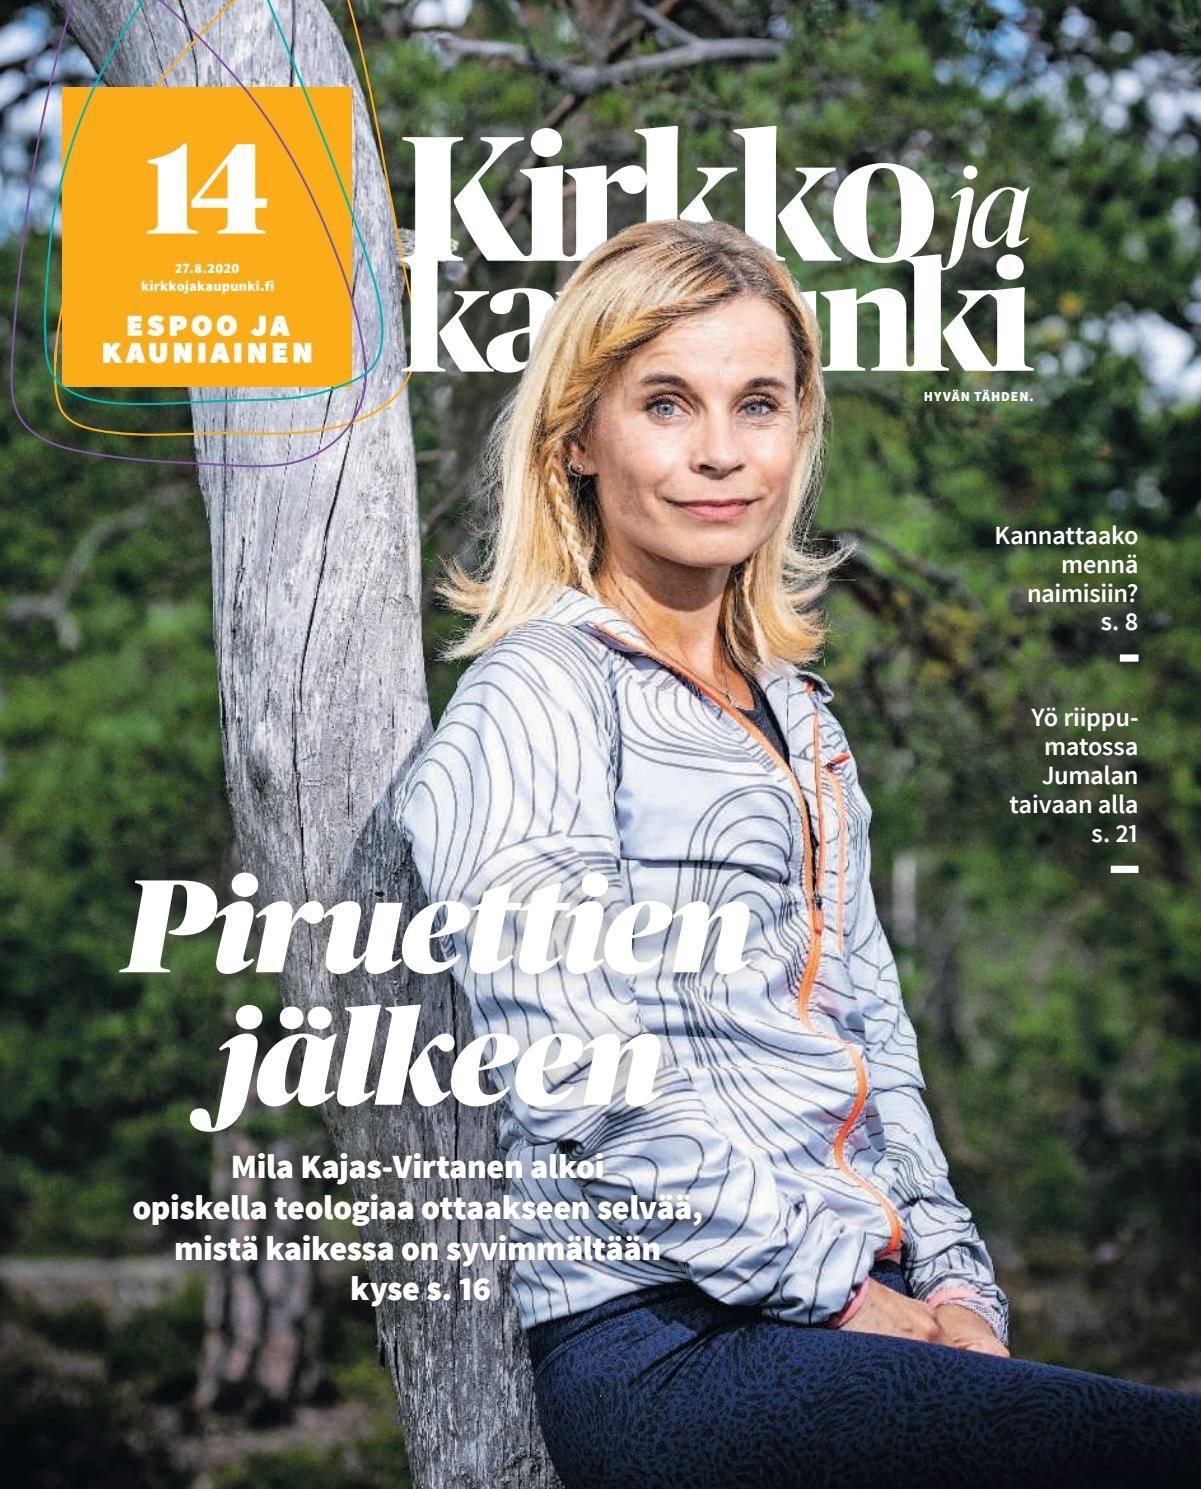 ruotsalaiset naiset etsii seksiä kerava